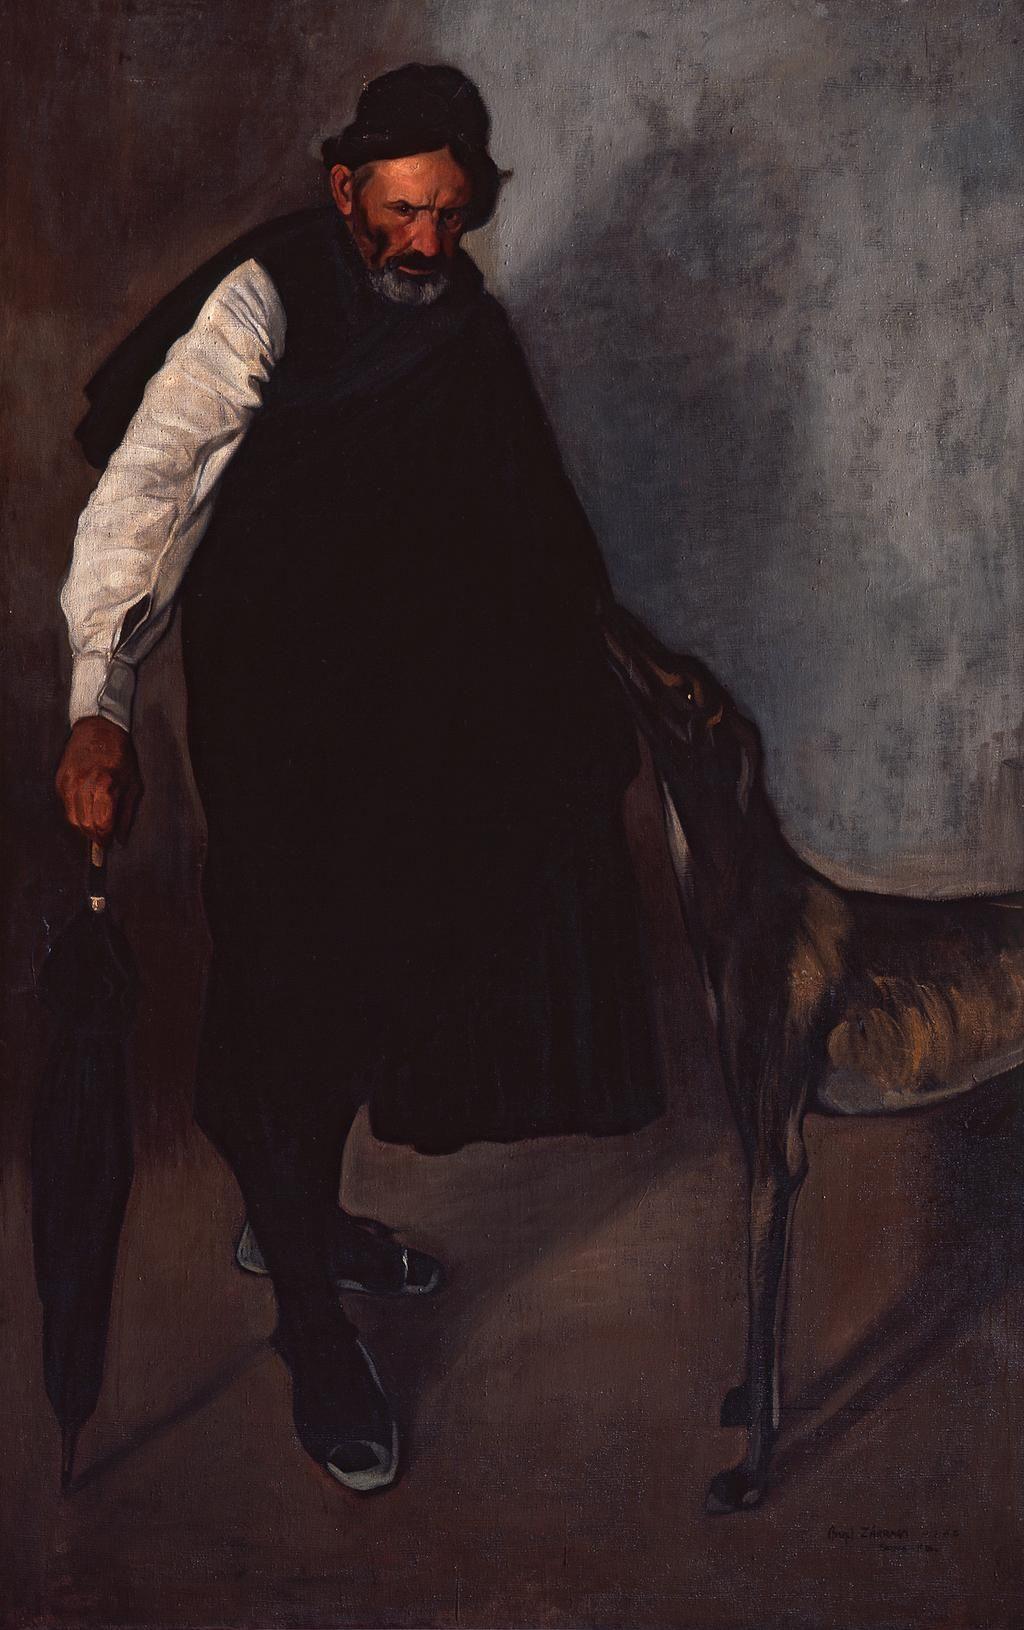 Para esta tarde de lluvia, 'El hombre del paraguas' (1906) de Félix Parra. #ColecciónMUNAL